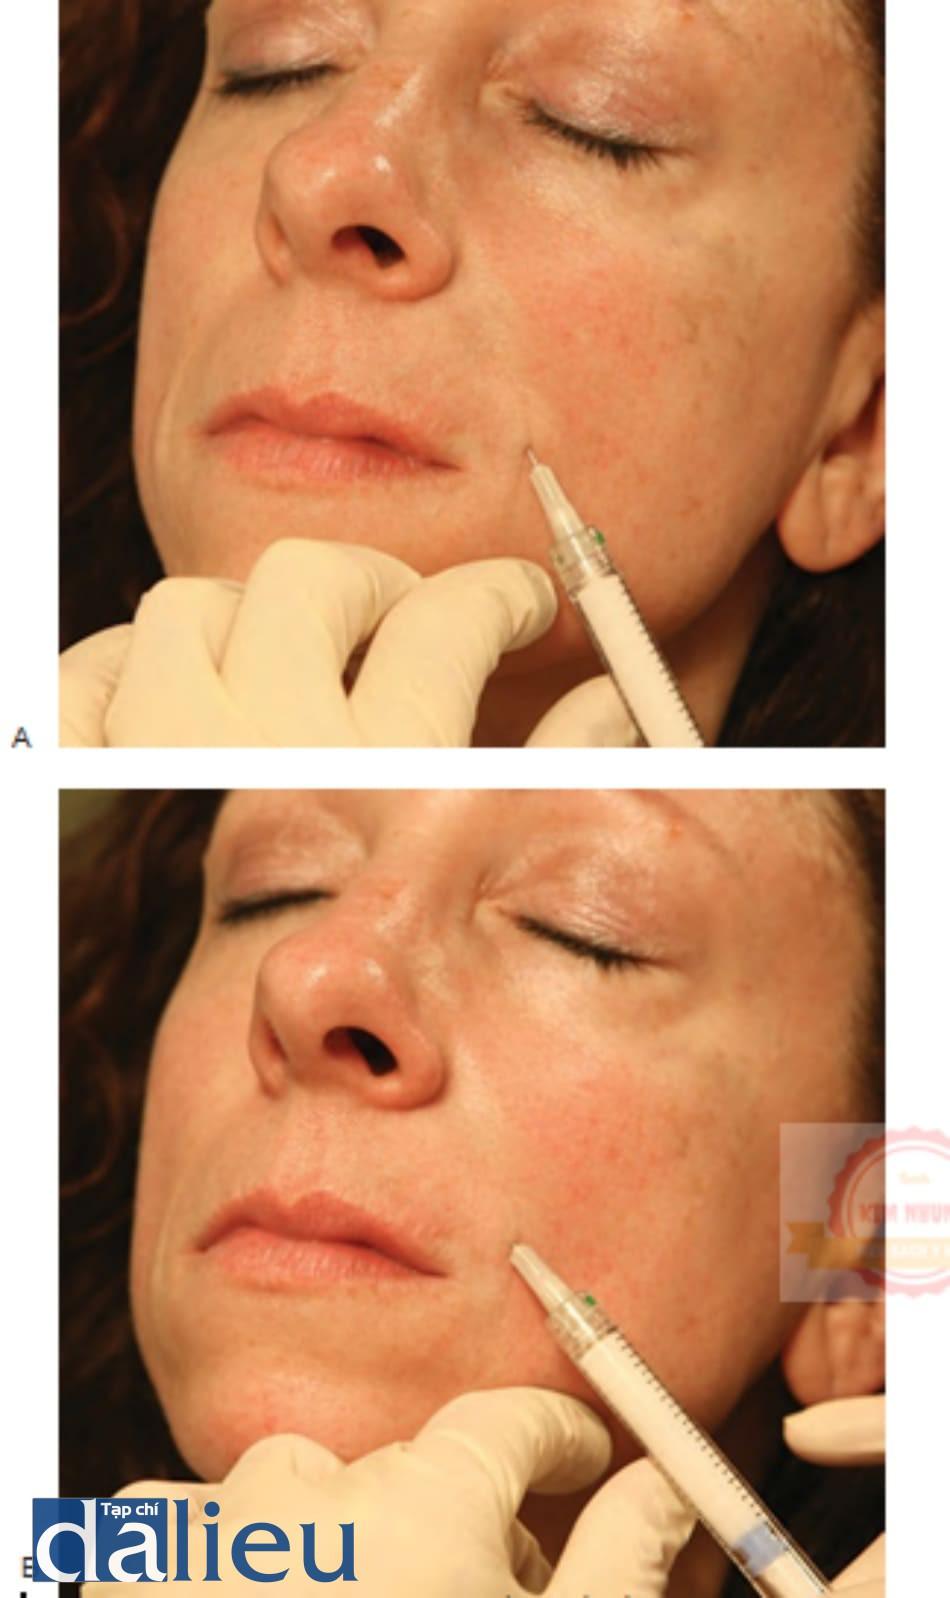 Hình 5 ● Calcium hydroxylapatite trong điều trị nếp gấp mũi má: lan dầnning từ (A) đến (B).